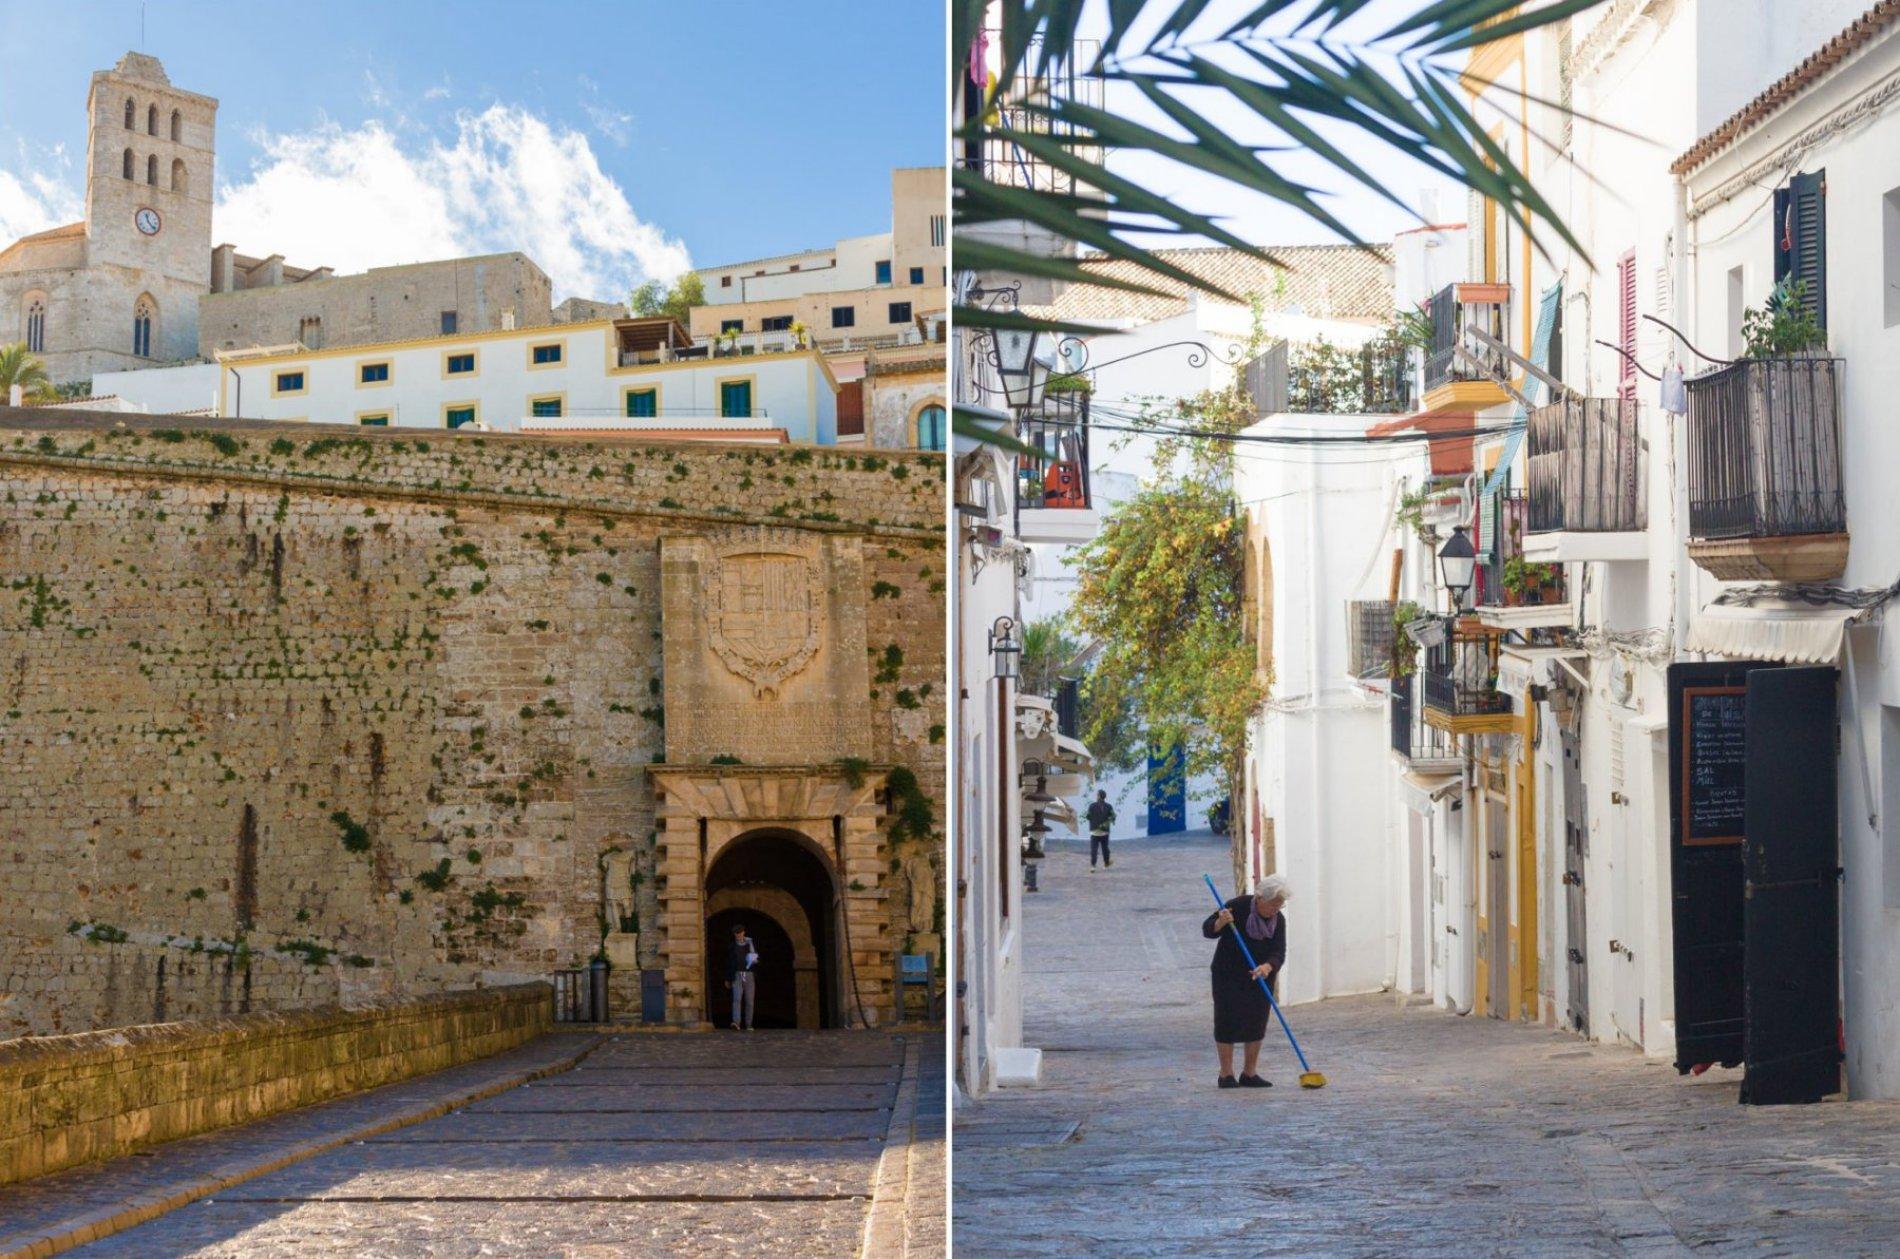 Portal de Ses Taules y una de las callejuelas de Dalt Vila con sus características casas blancas.